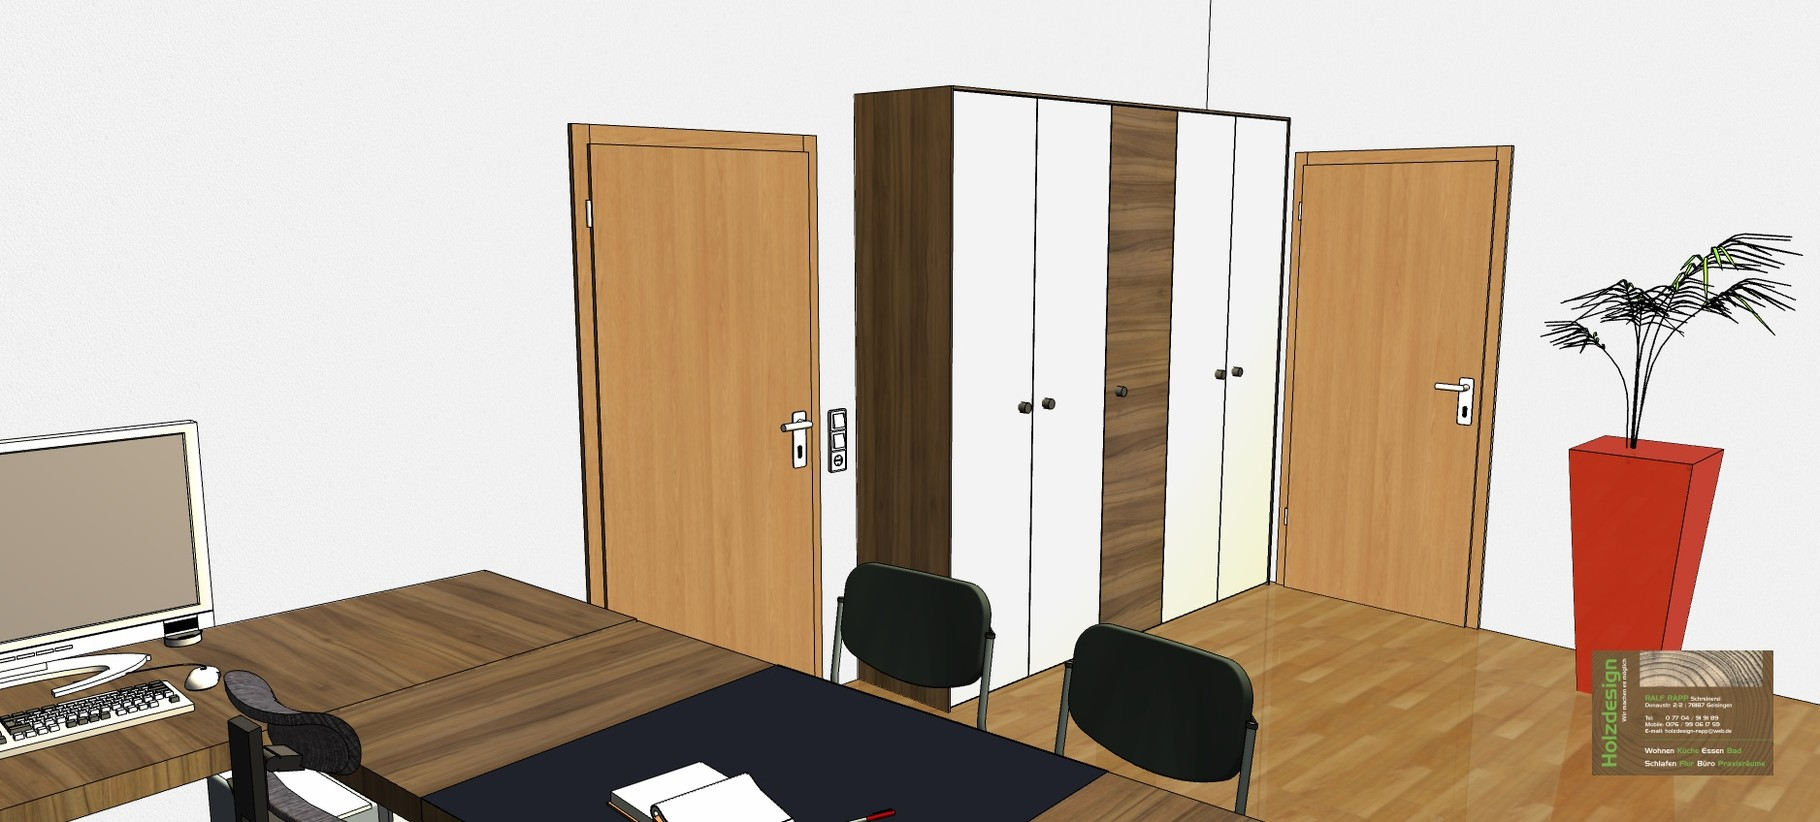 Planung Büroeinrichtung Abbildung Aktenschrank